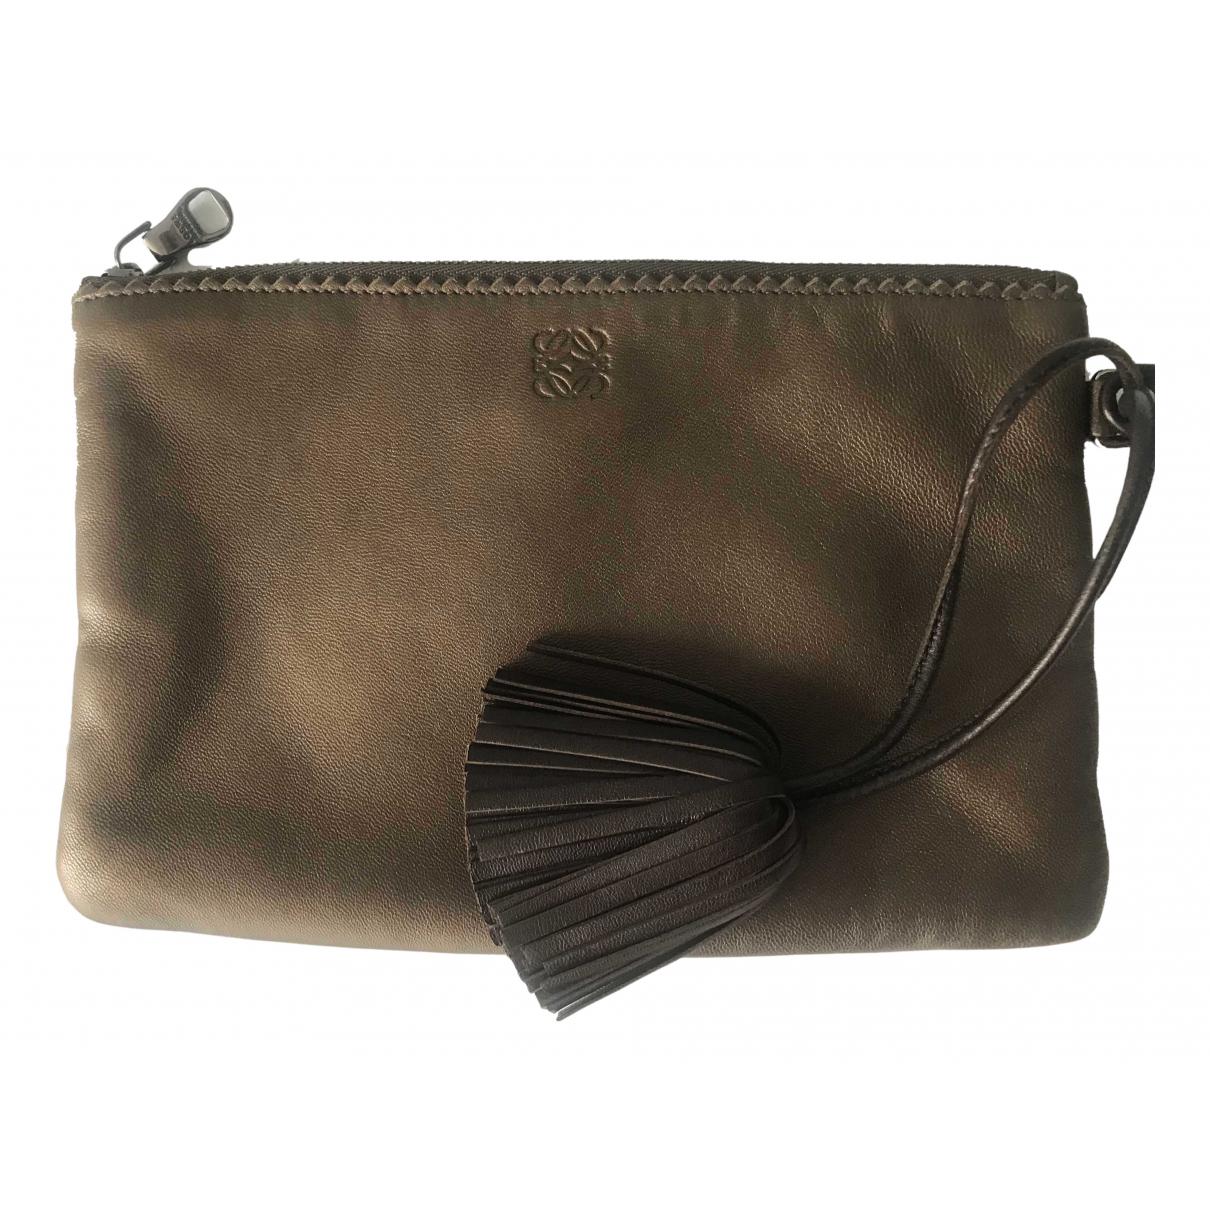 Loewe \N Khaki Leather Clutch bag for Women \N